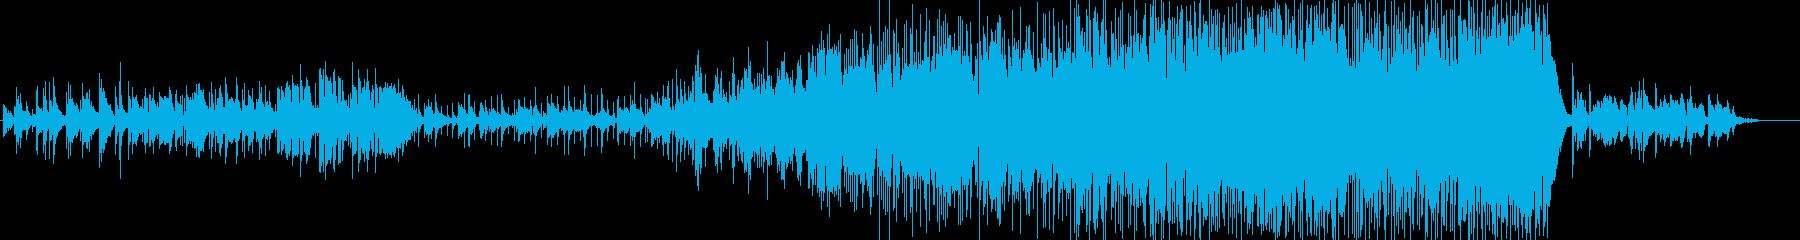 切ないバラードの再生済みの波形